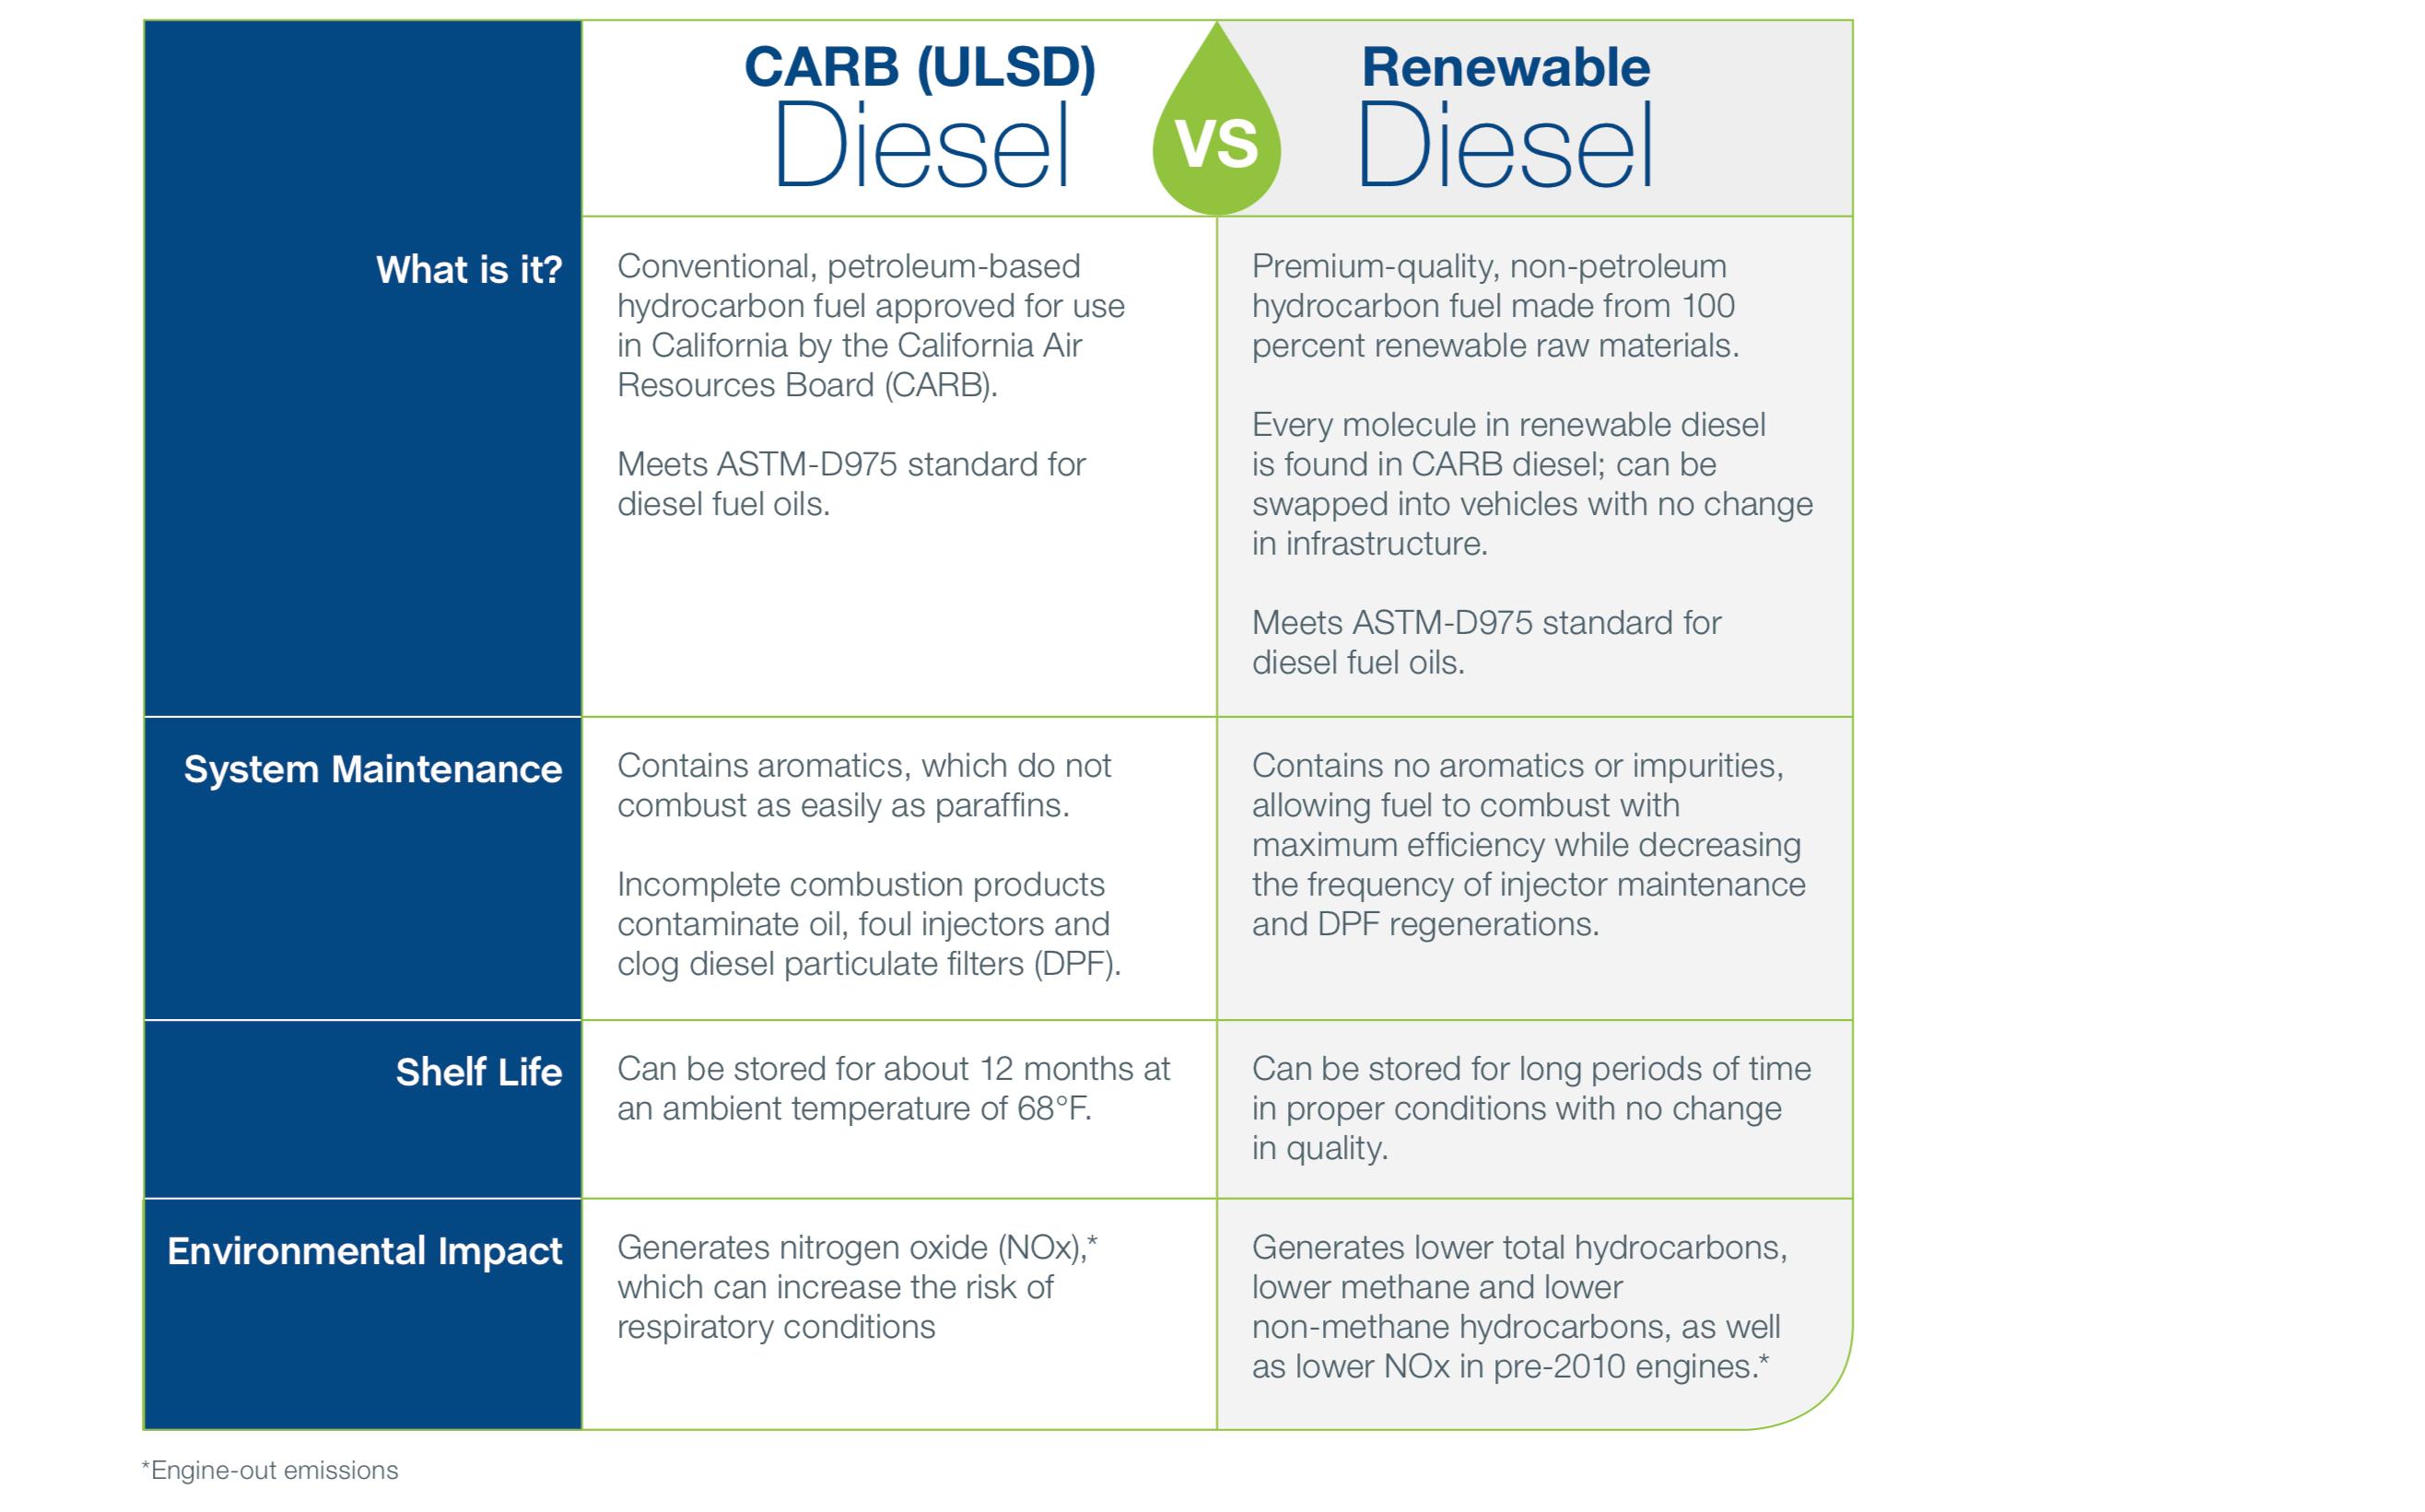 Carb vs Renewable